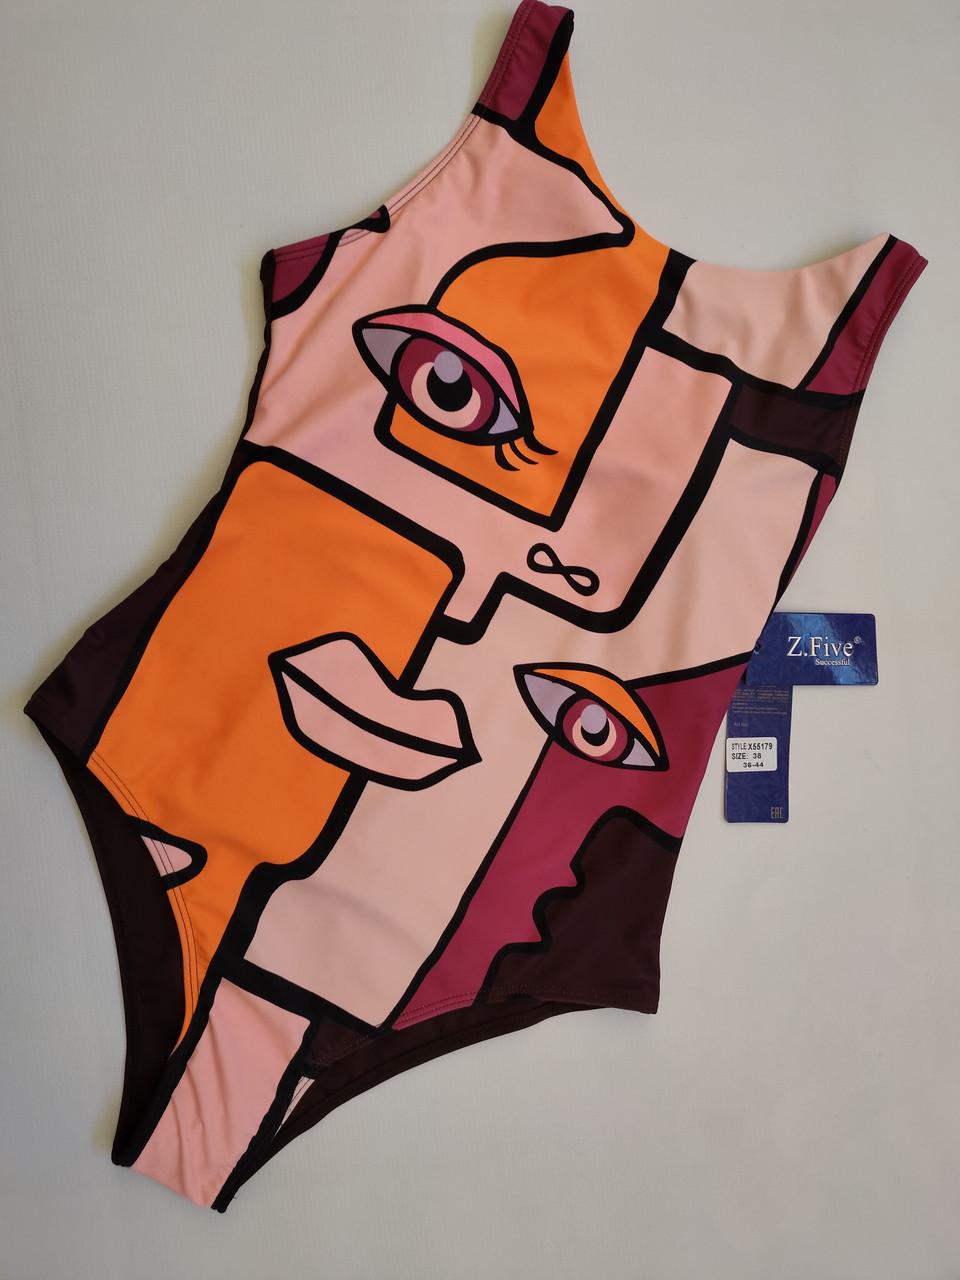 Молодёжный цельный купальник авангард размеры 38 евро цвет коричневый